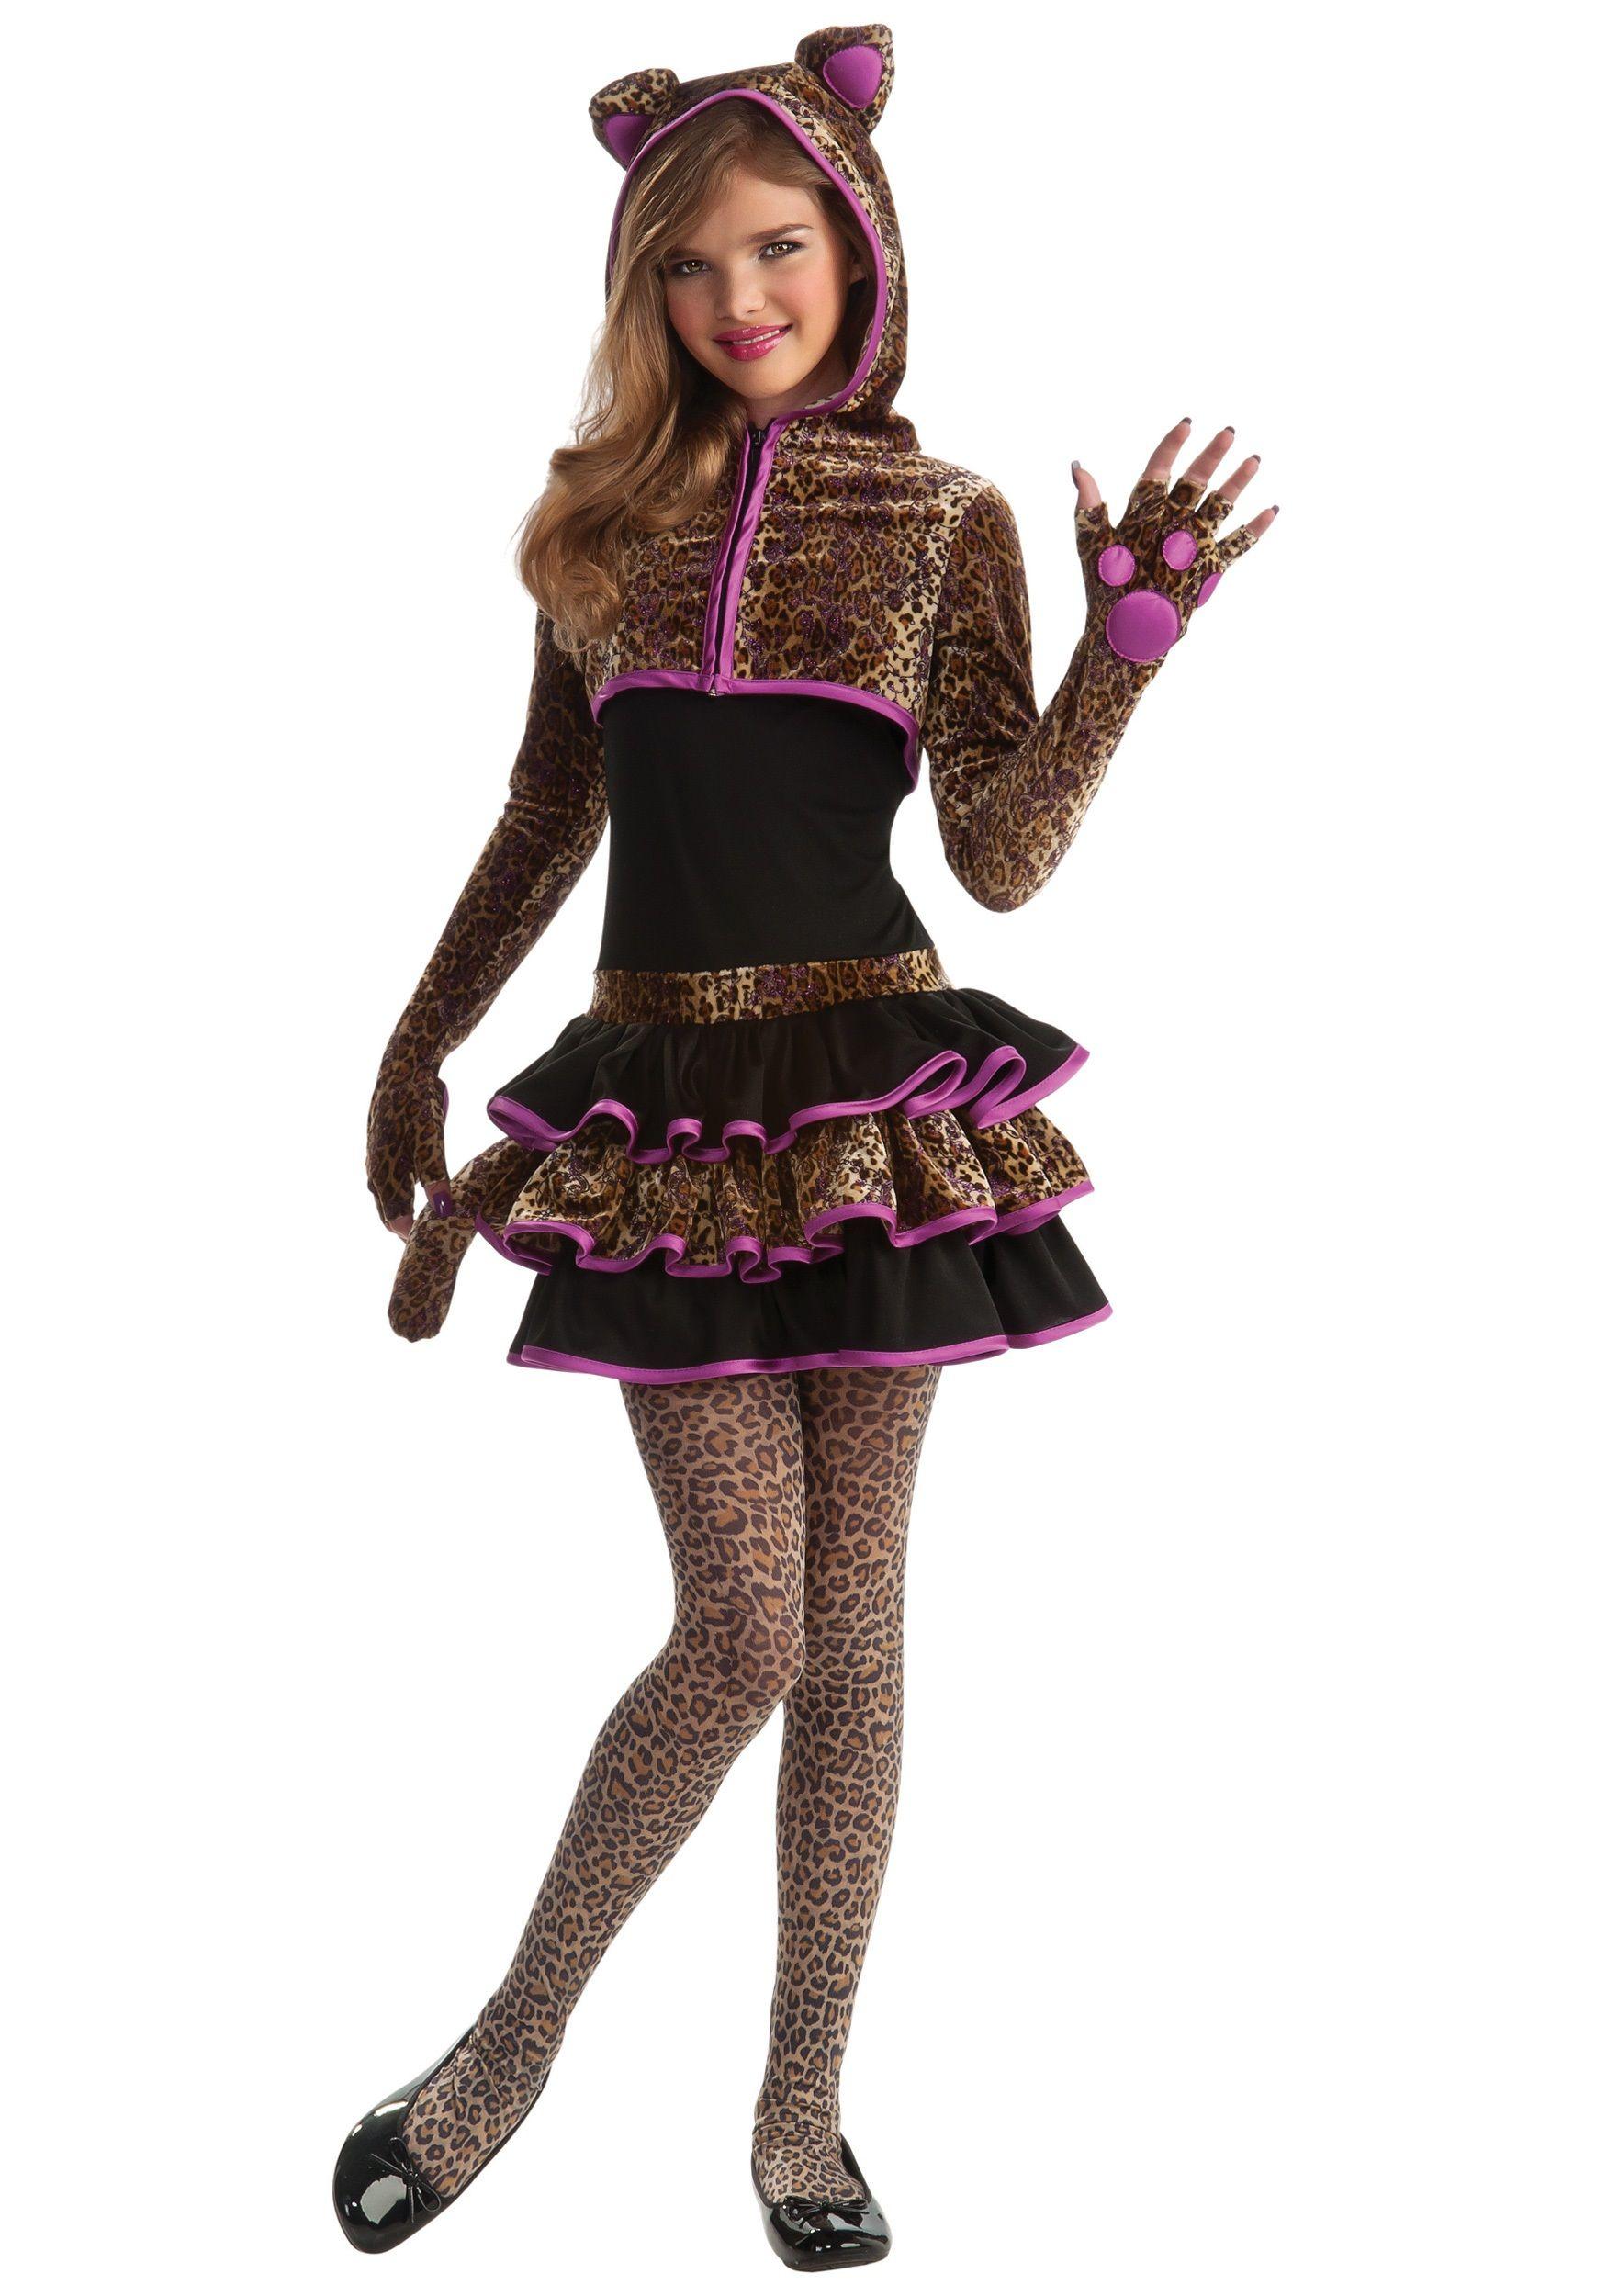 youth halloween costume ideas tween halloween costumes in this leopard tween girls costume - Teenage Girl Pirate Halloween Costumes